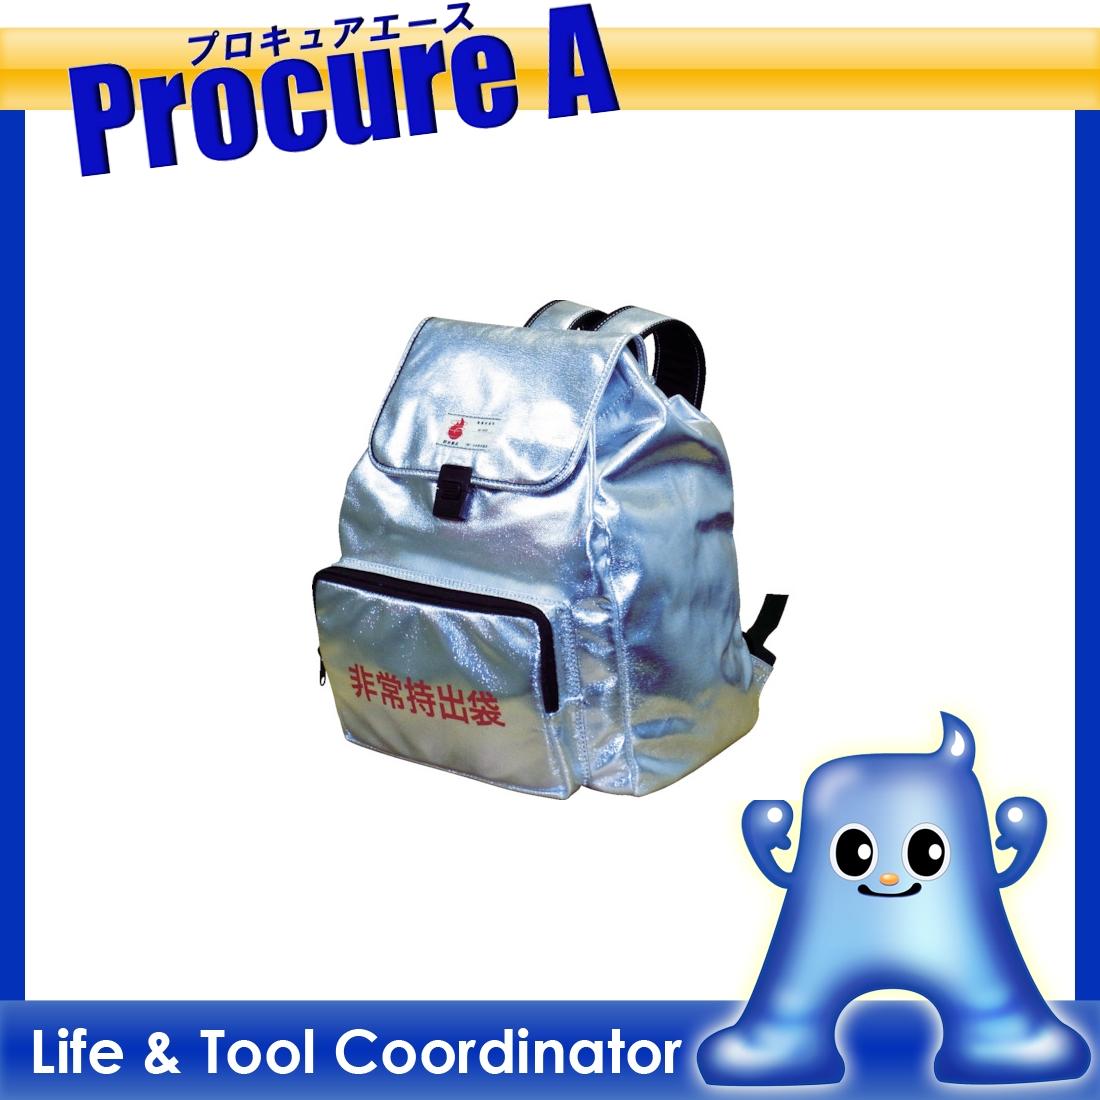 吉野 アルトットウェア 非常用持出袋 YS-AJHB ▼384-4161 吉野(株)